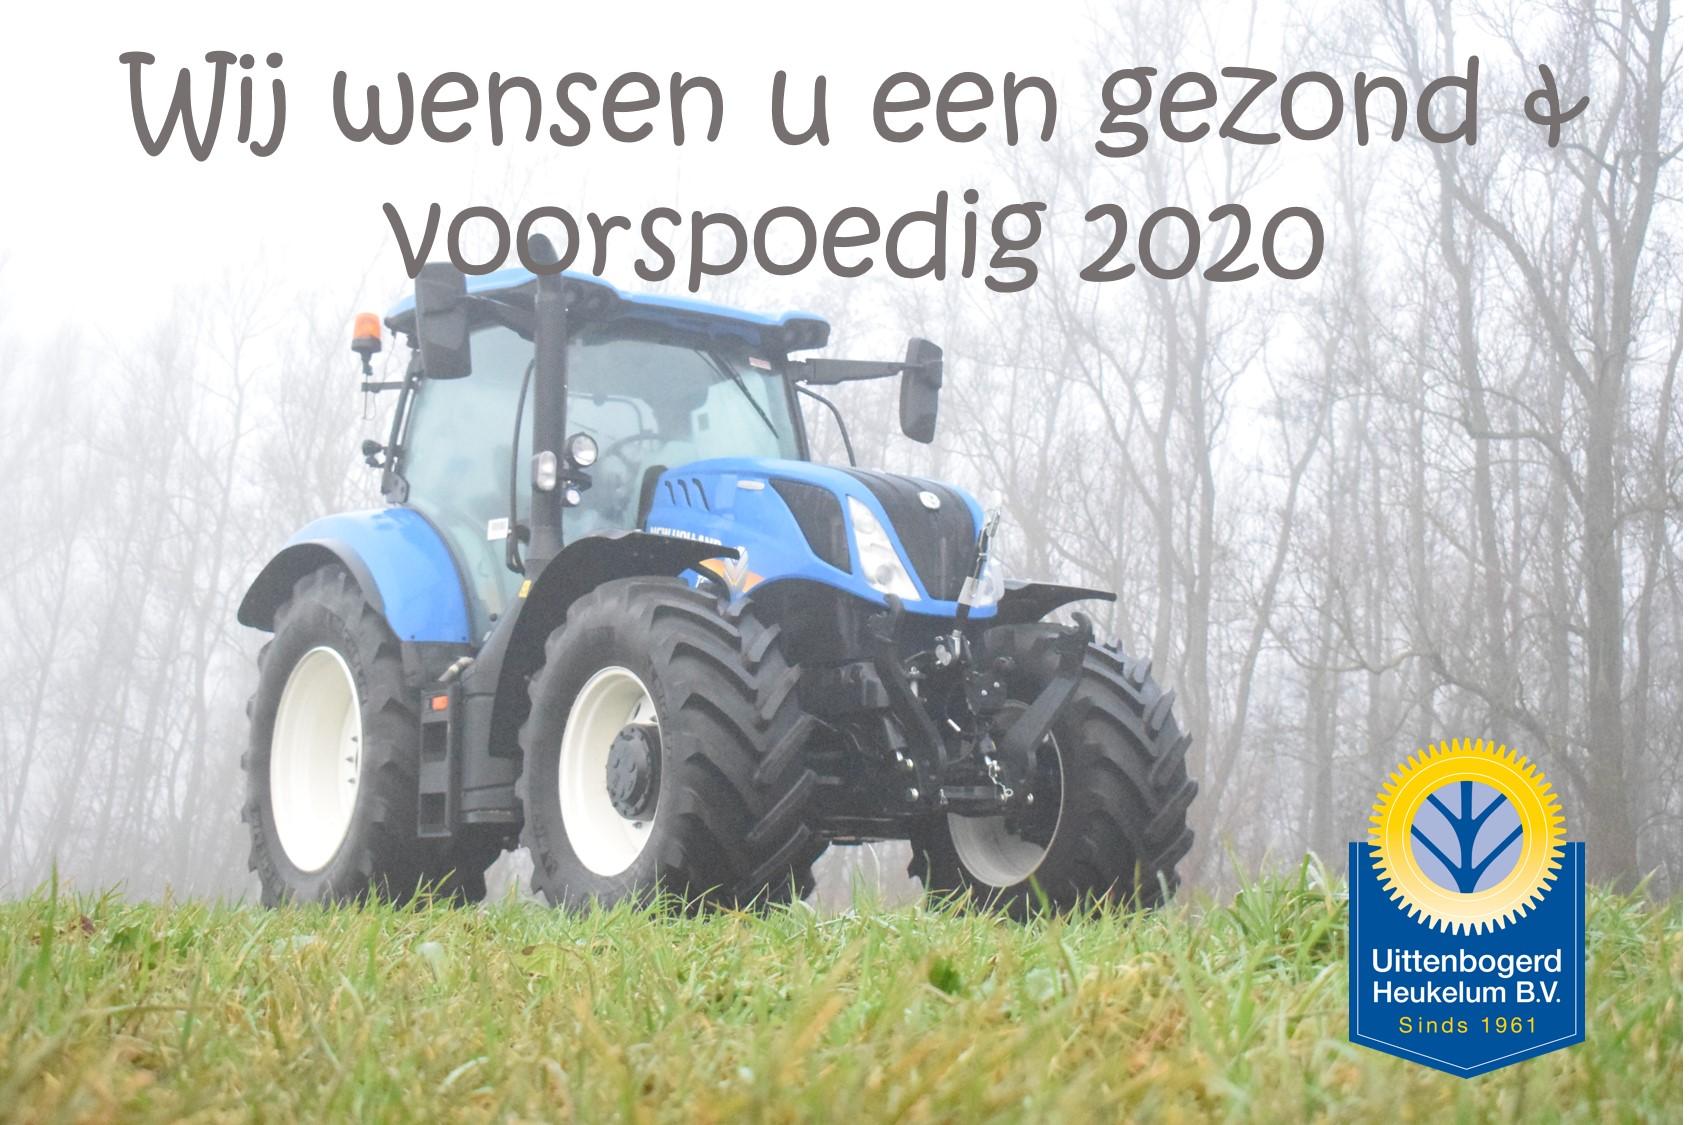 Wij wensen u een gezond & voorspoedig 2020